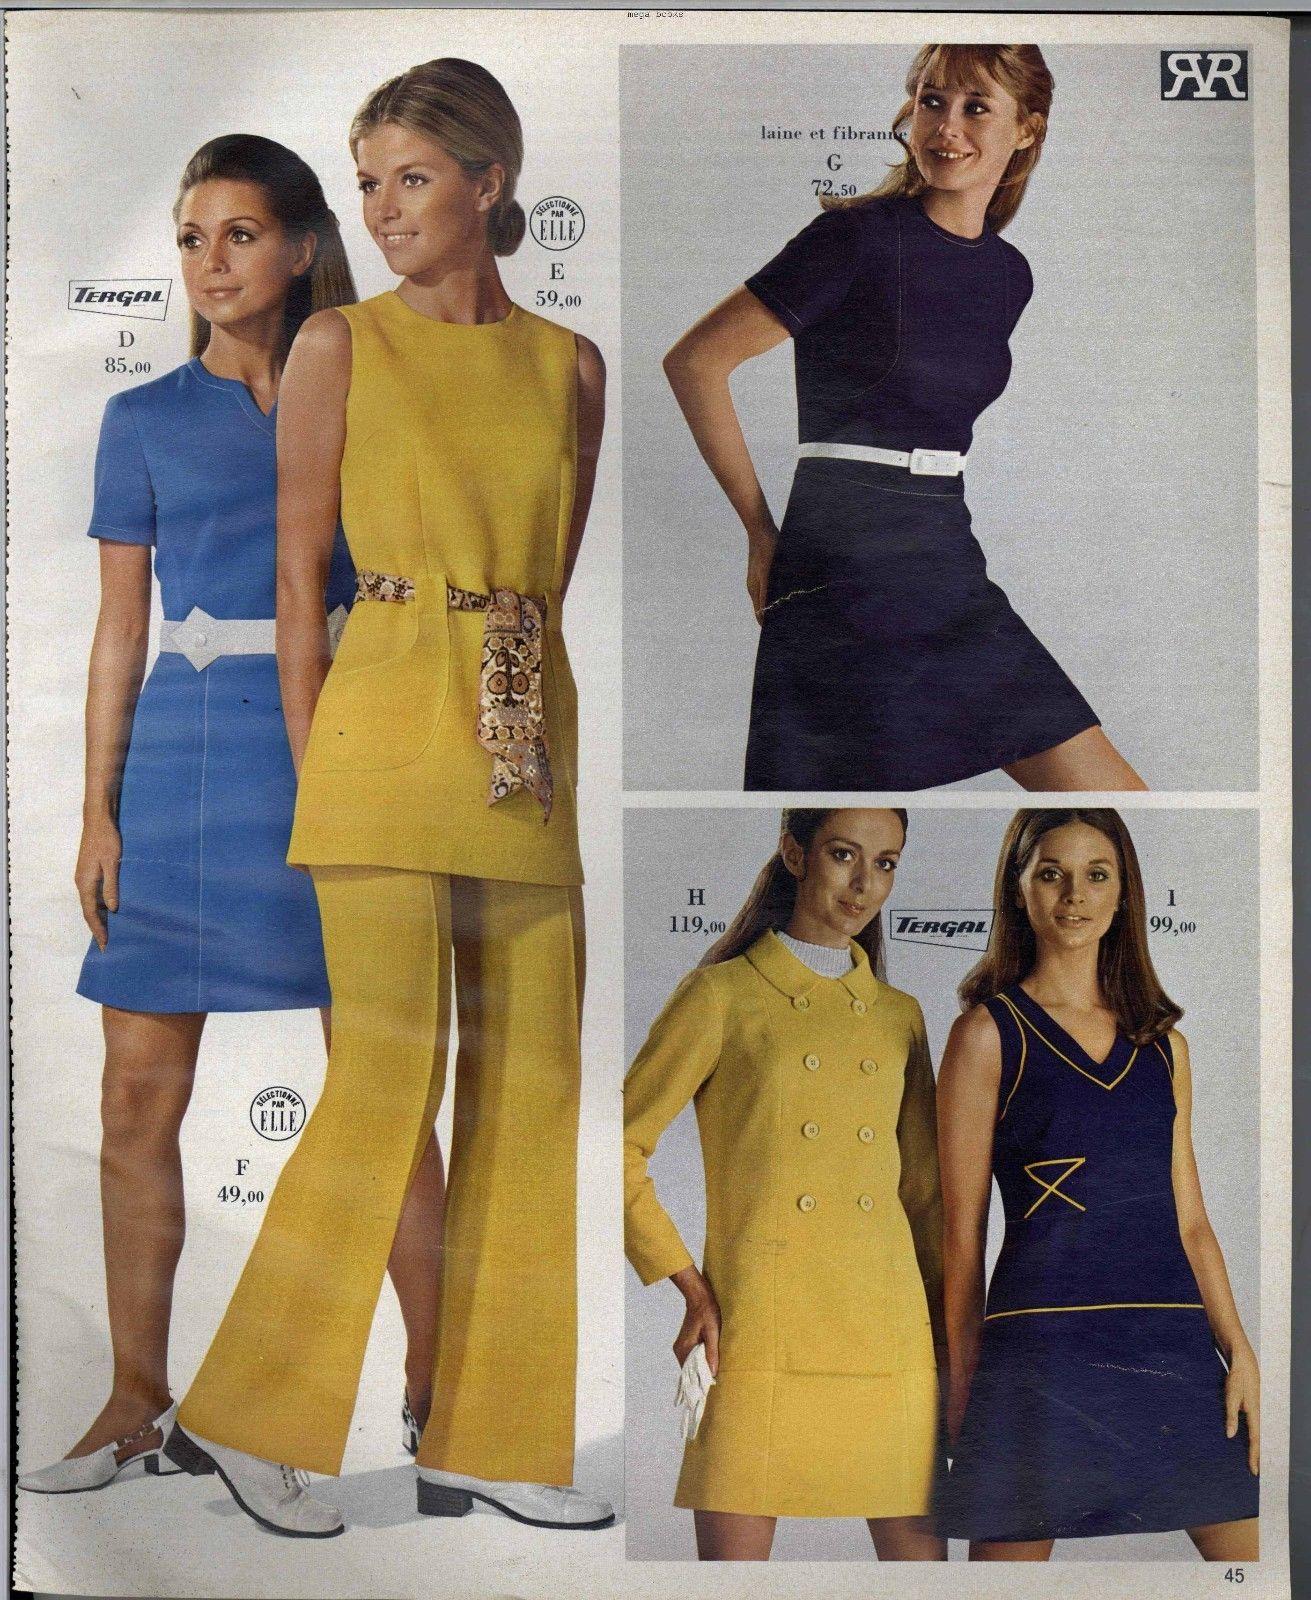 Les Objets Vintage Au Fil Des Vieux Catalogues 1964 1999